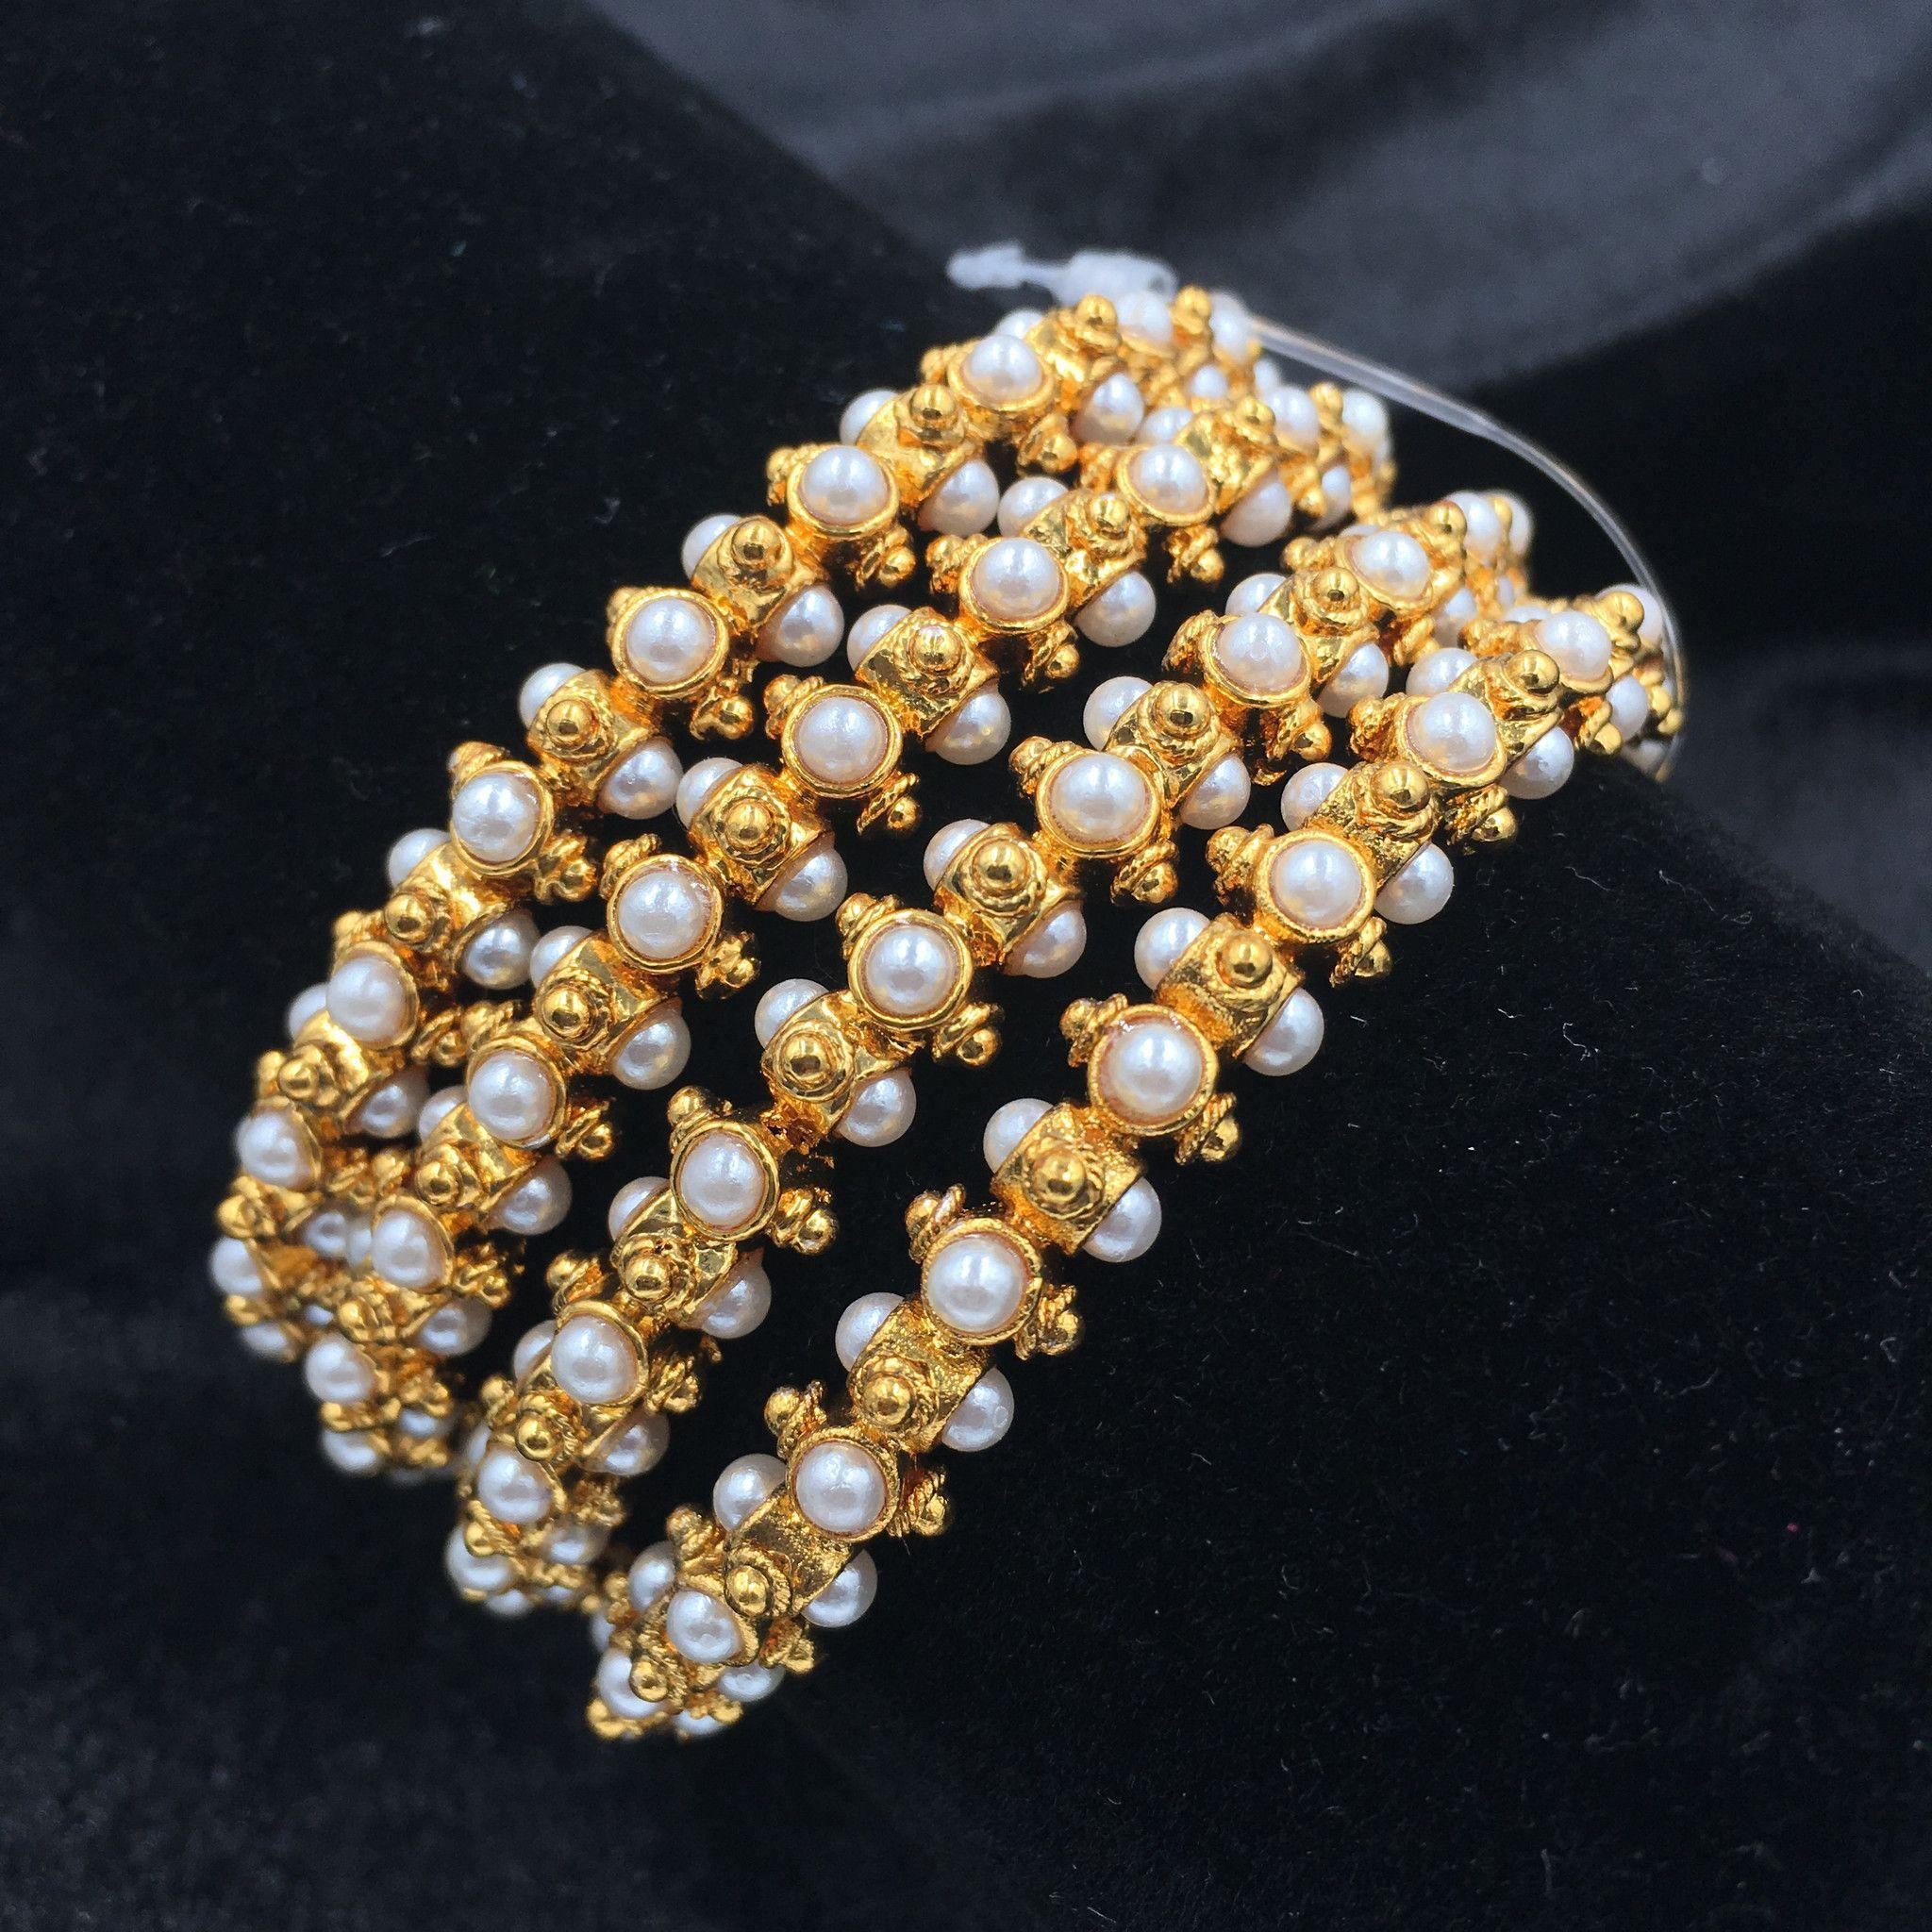 946db118b82 Golden Moti bangles | bangles | Bangles, Bangle set